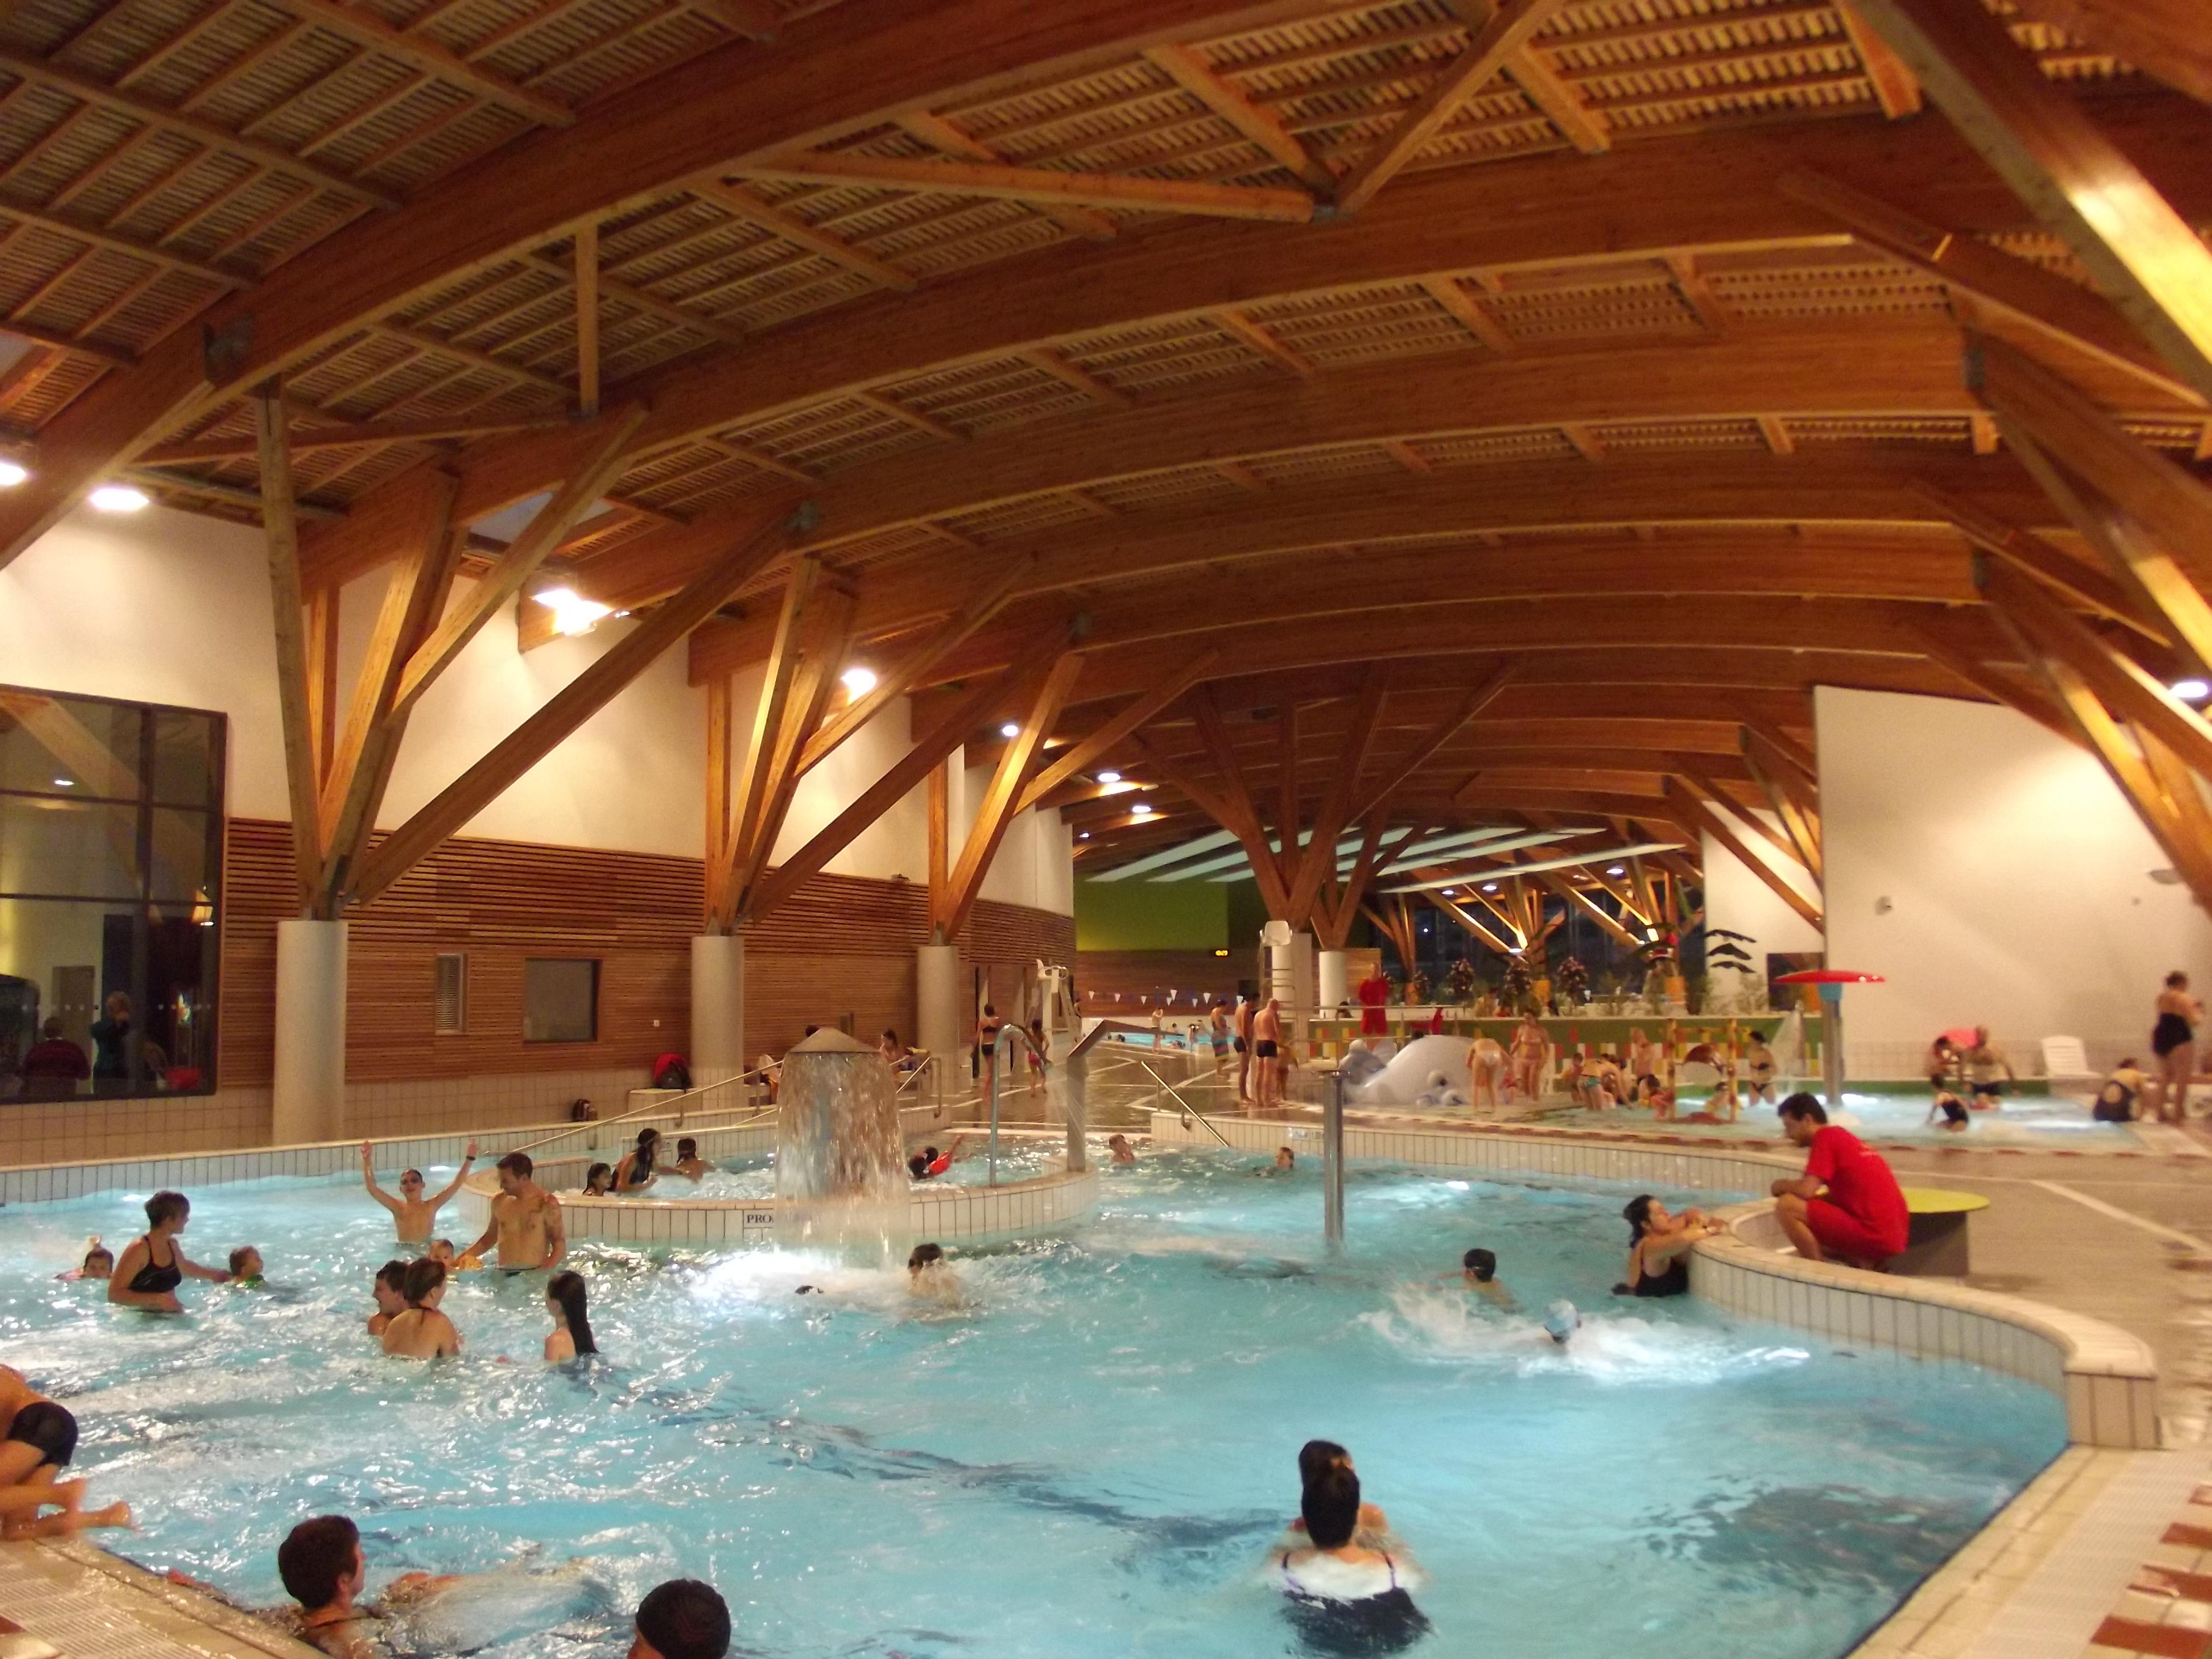 Centre aquatique l 39 ozen auvergne vacances - Piscine de nort sur erdre ...